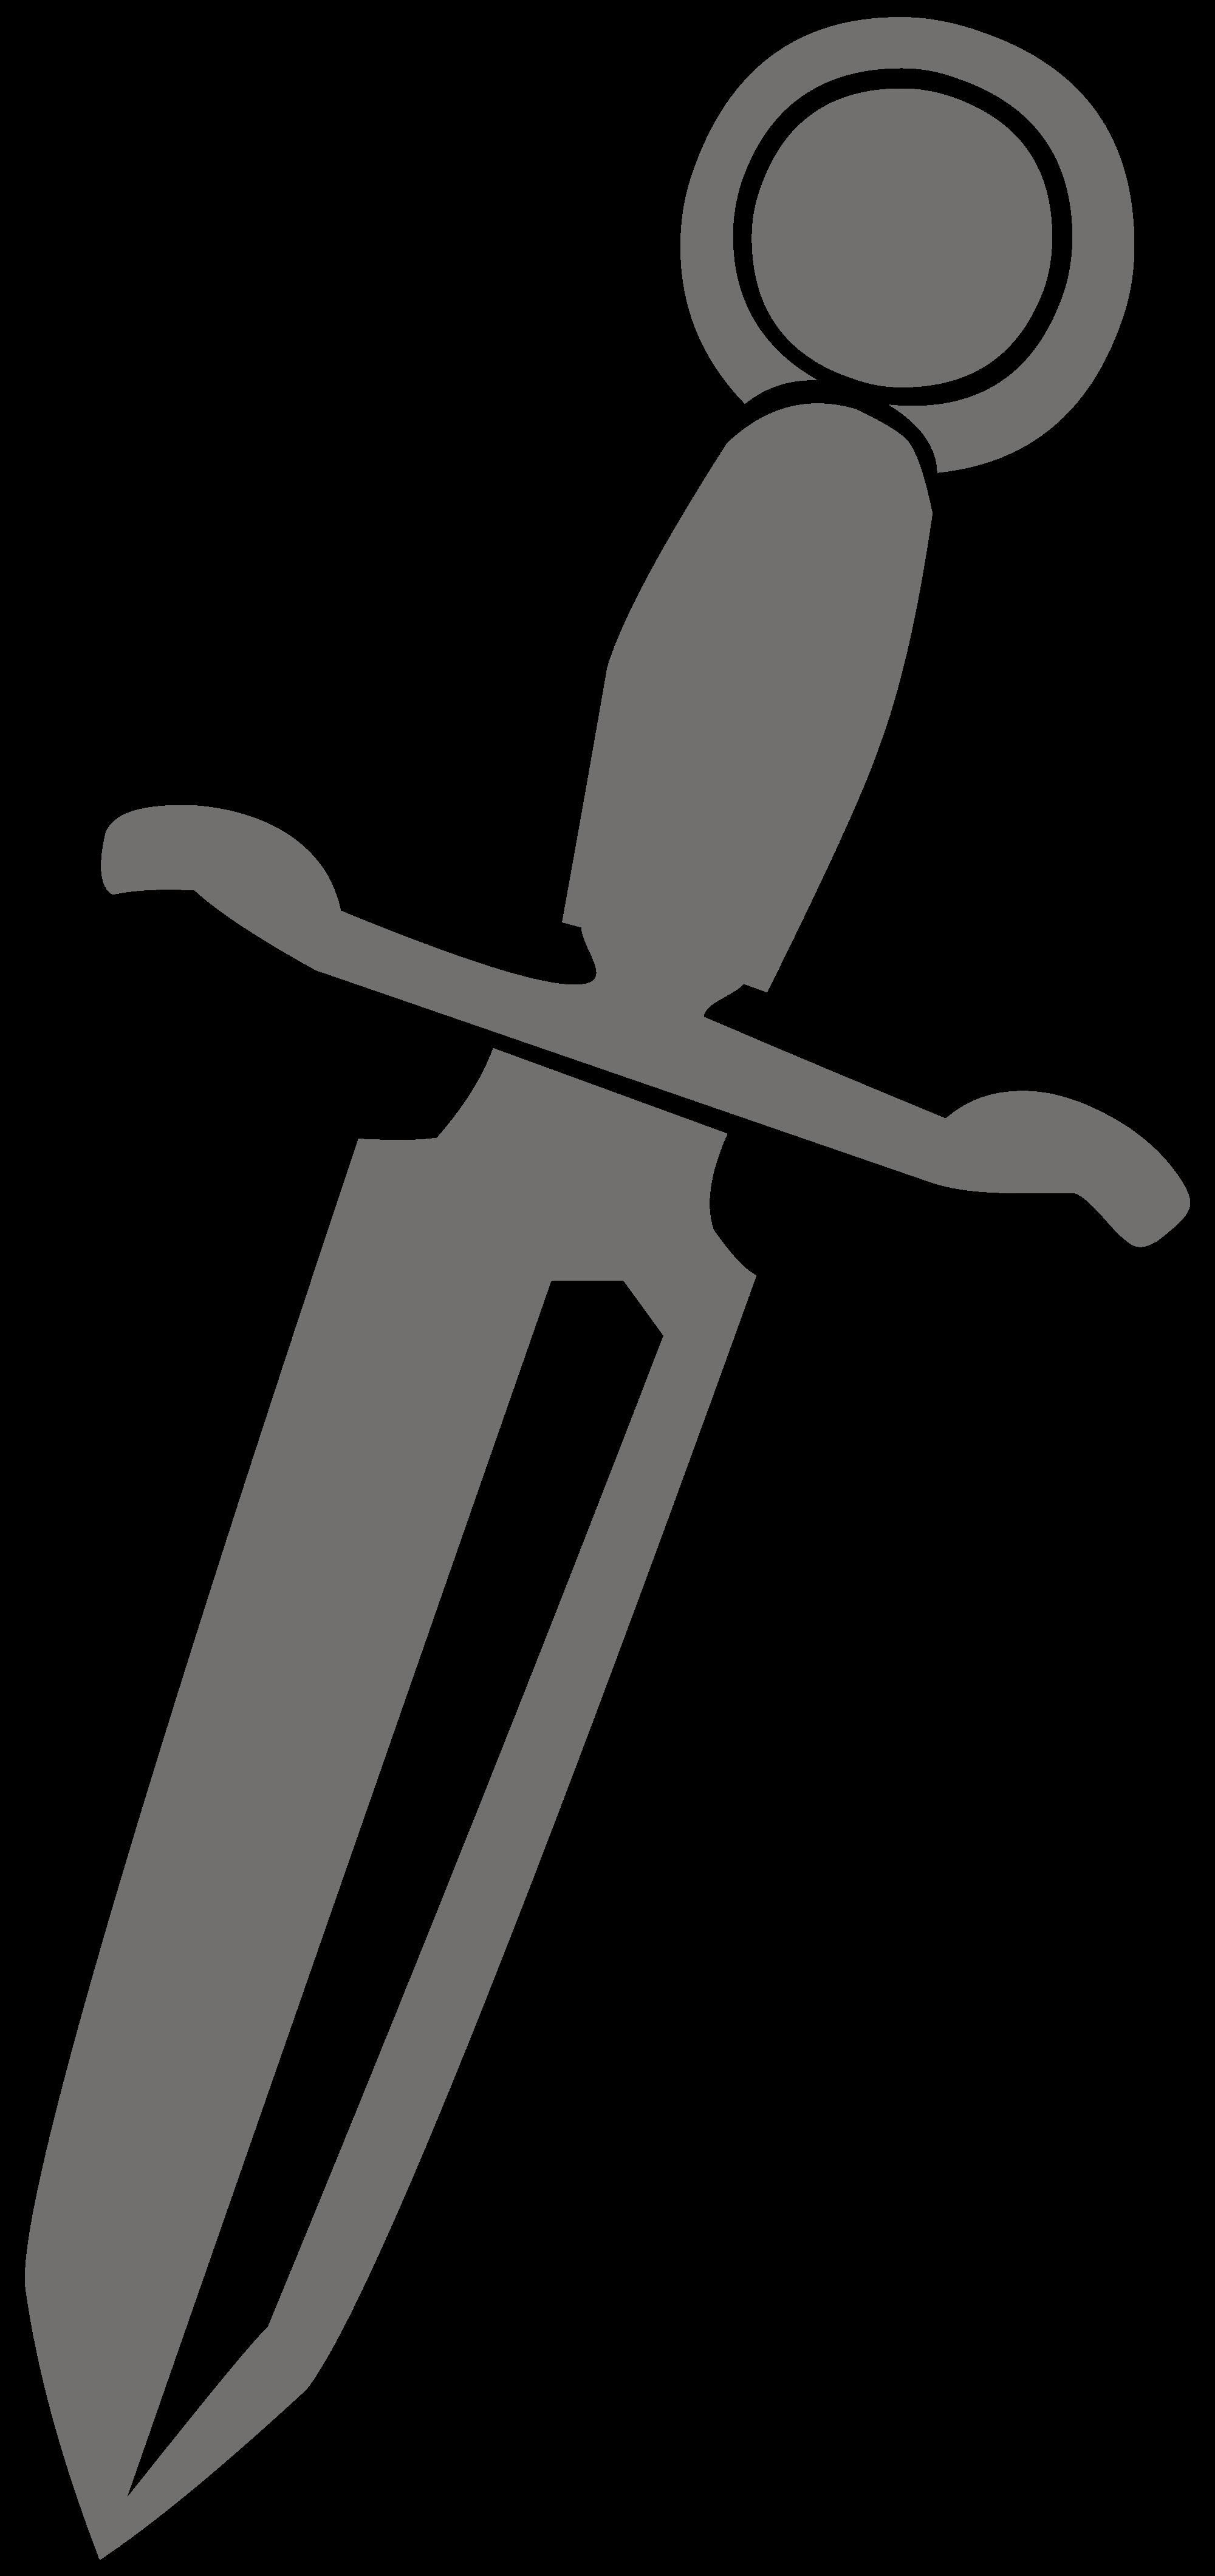 File silhouette l wikimedia. Dagger clipart svg